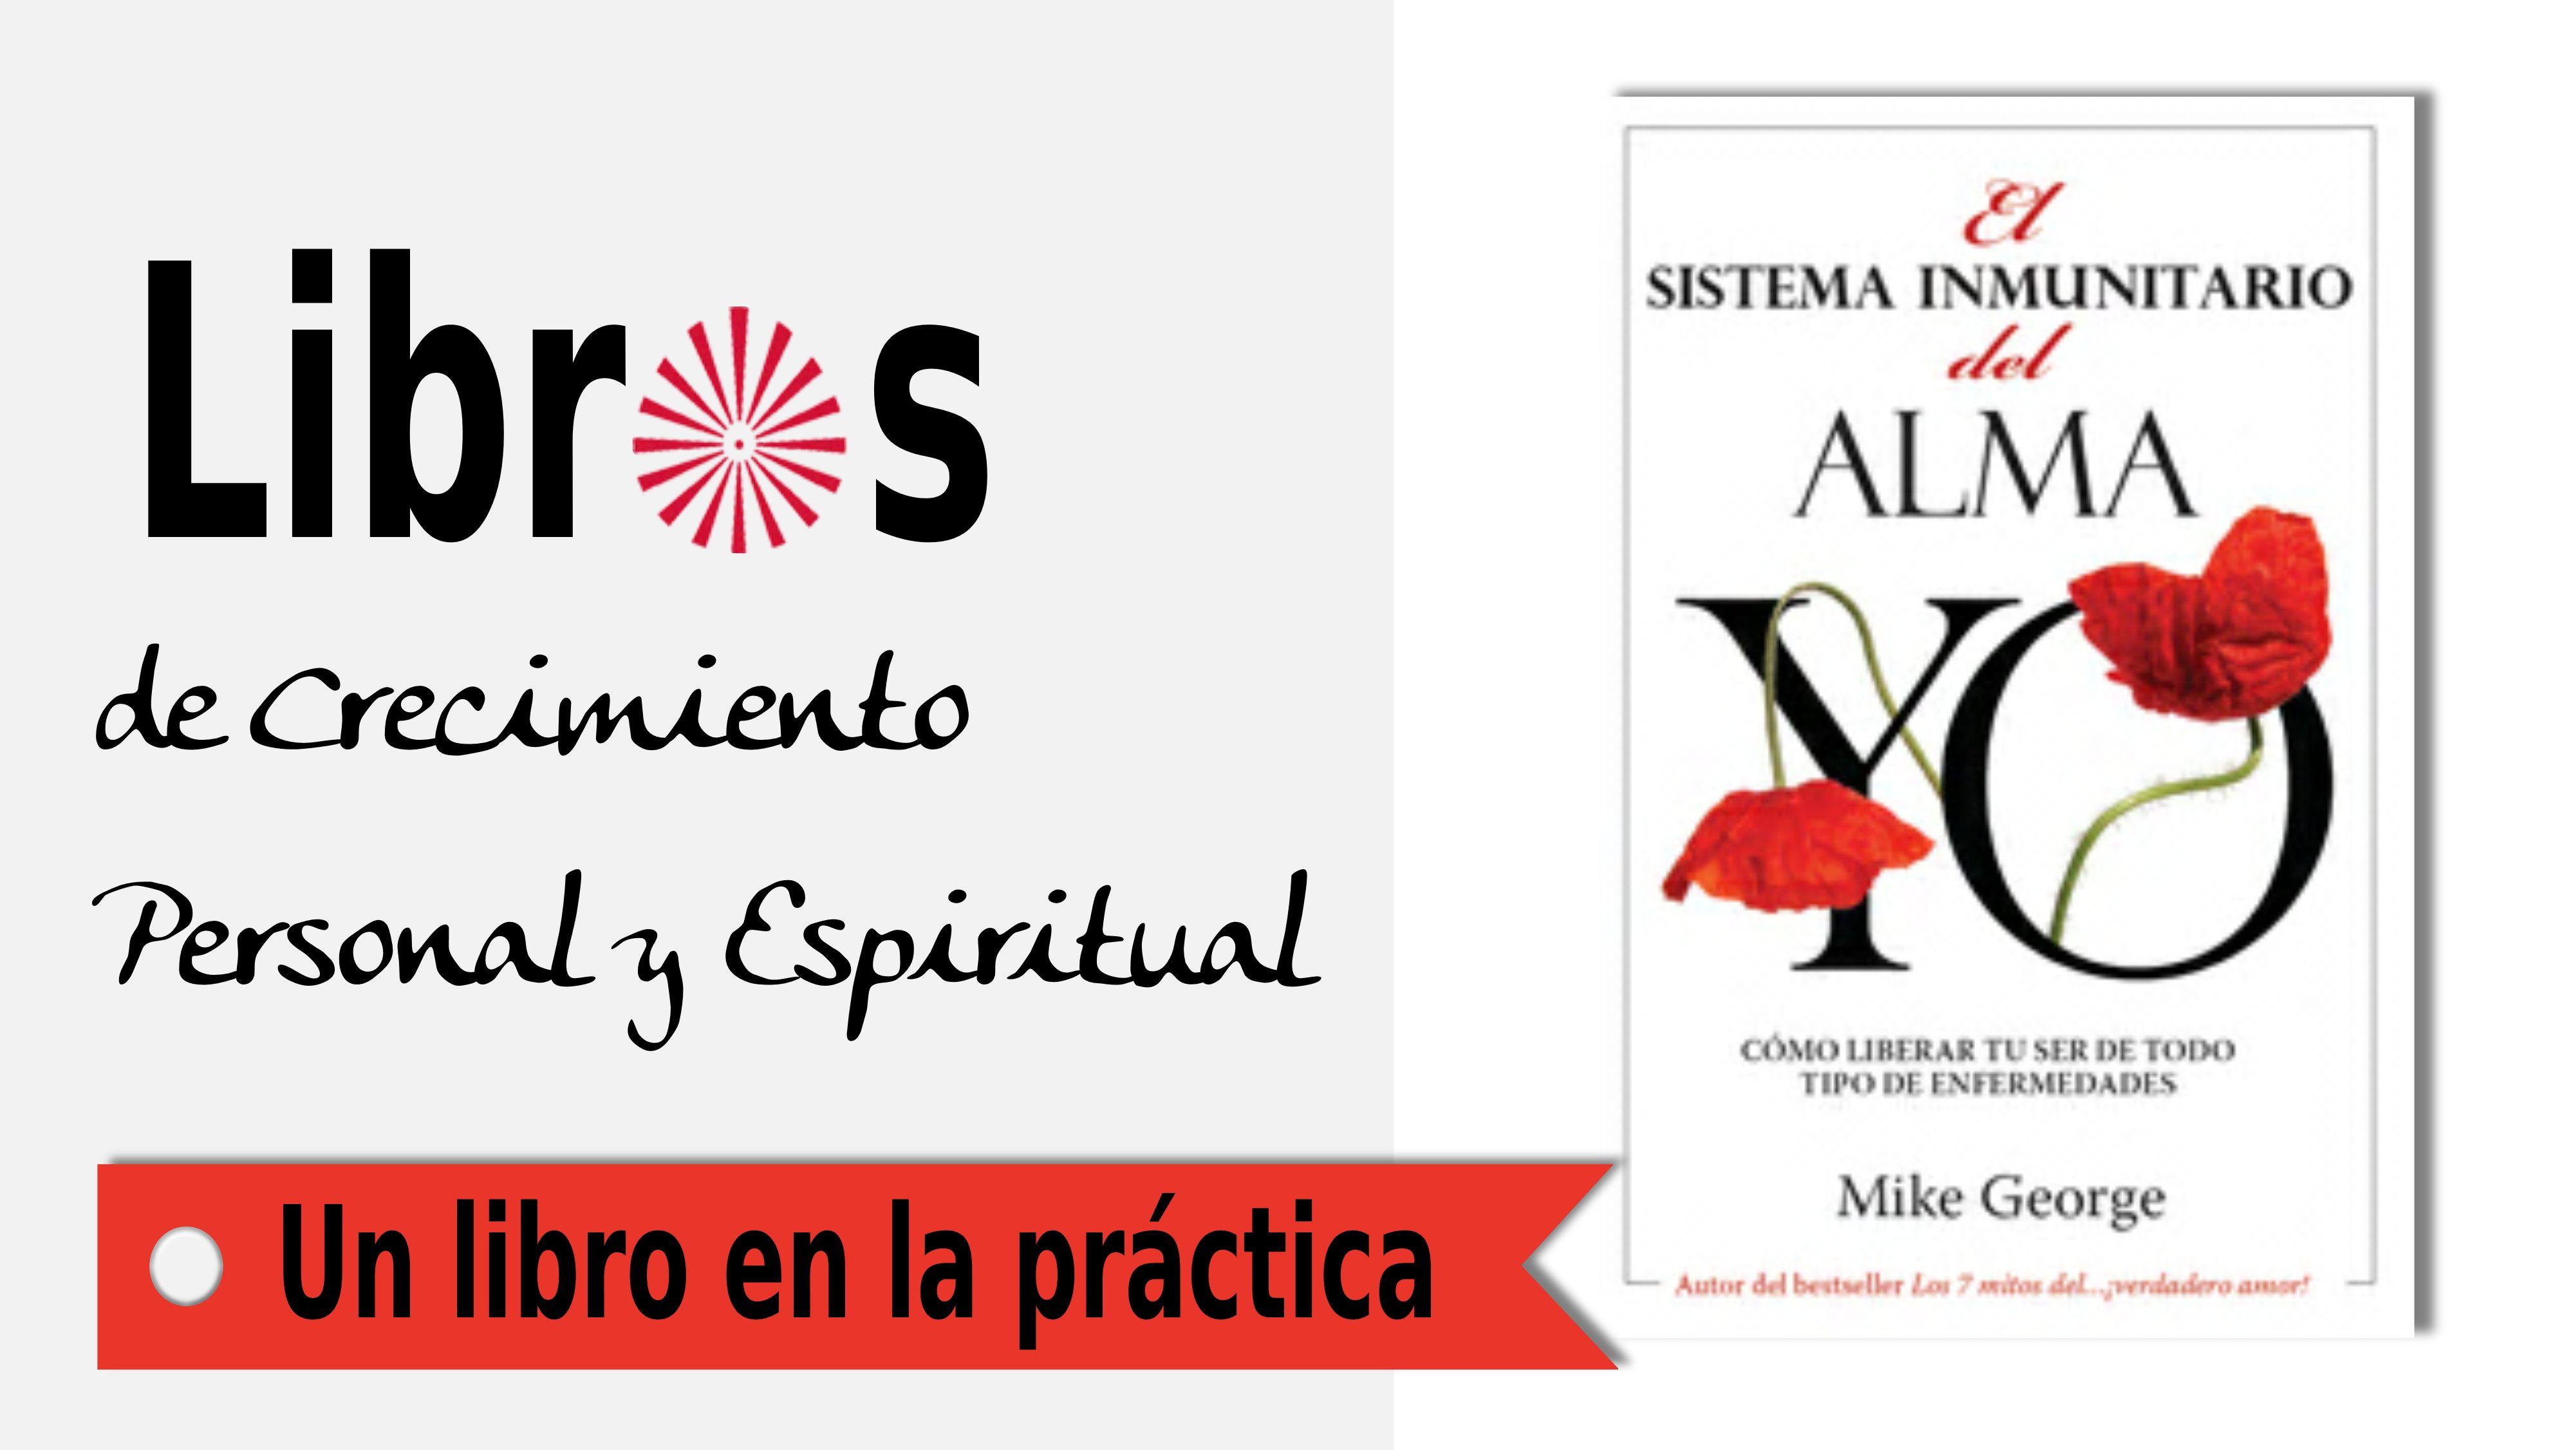 26 Noviembre 2020  Un libro en la práctica: El sistema inmunitario del alma